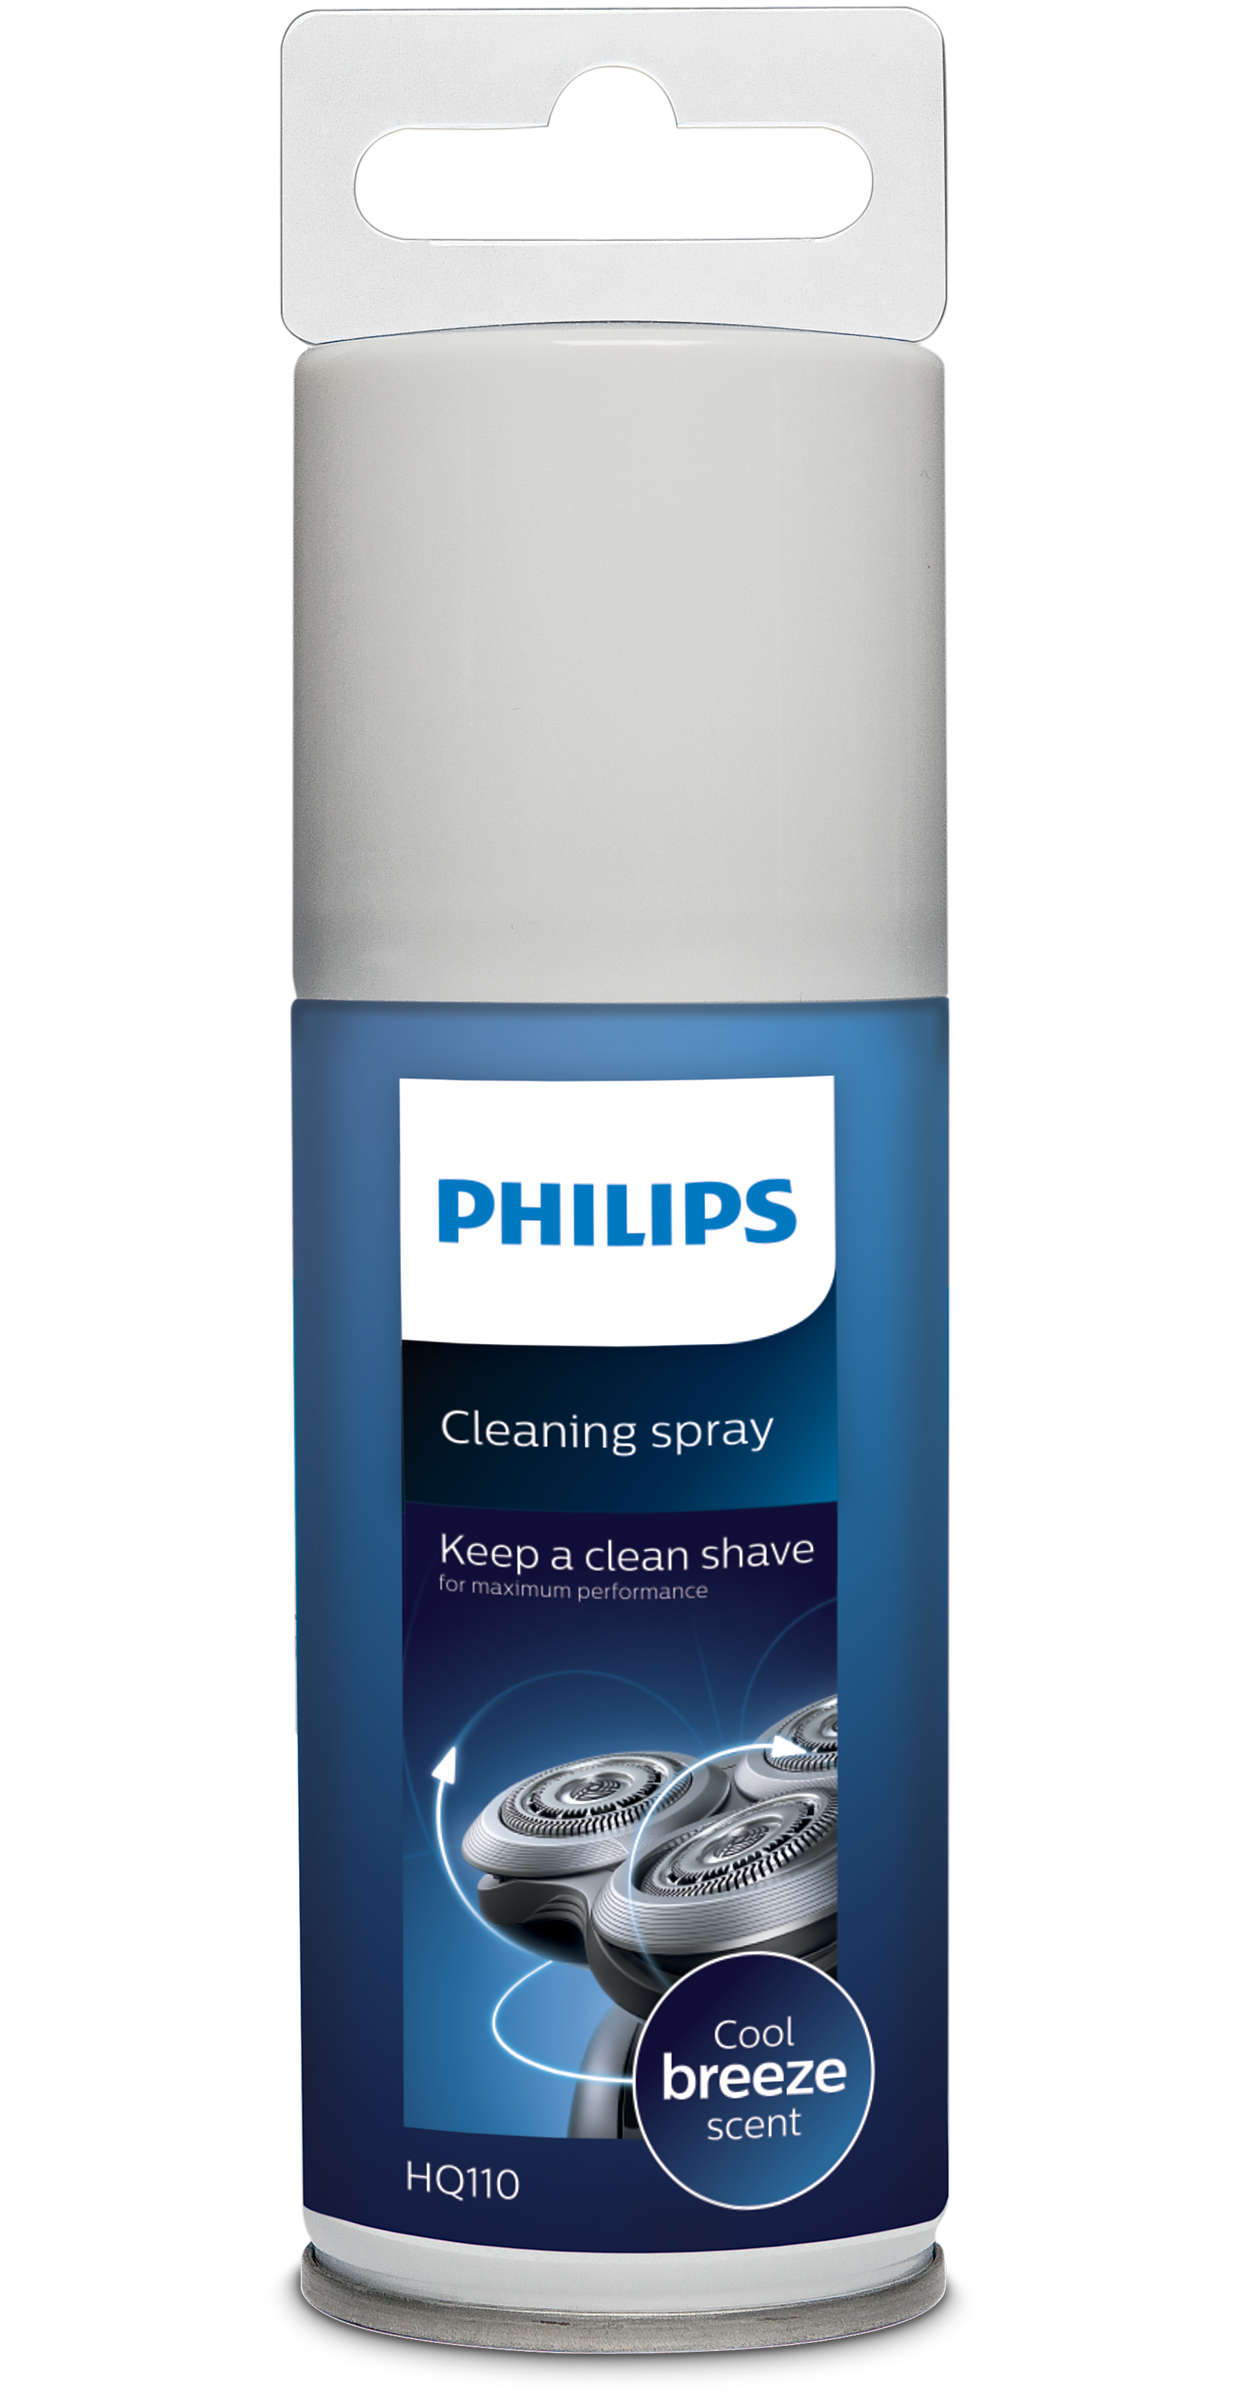 Een schoon scheerapparaat